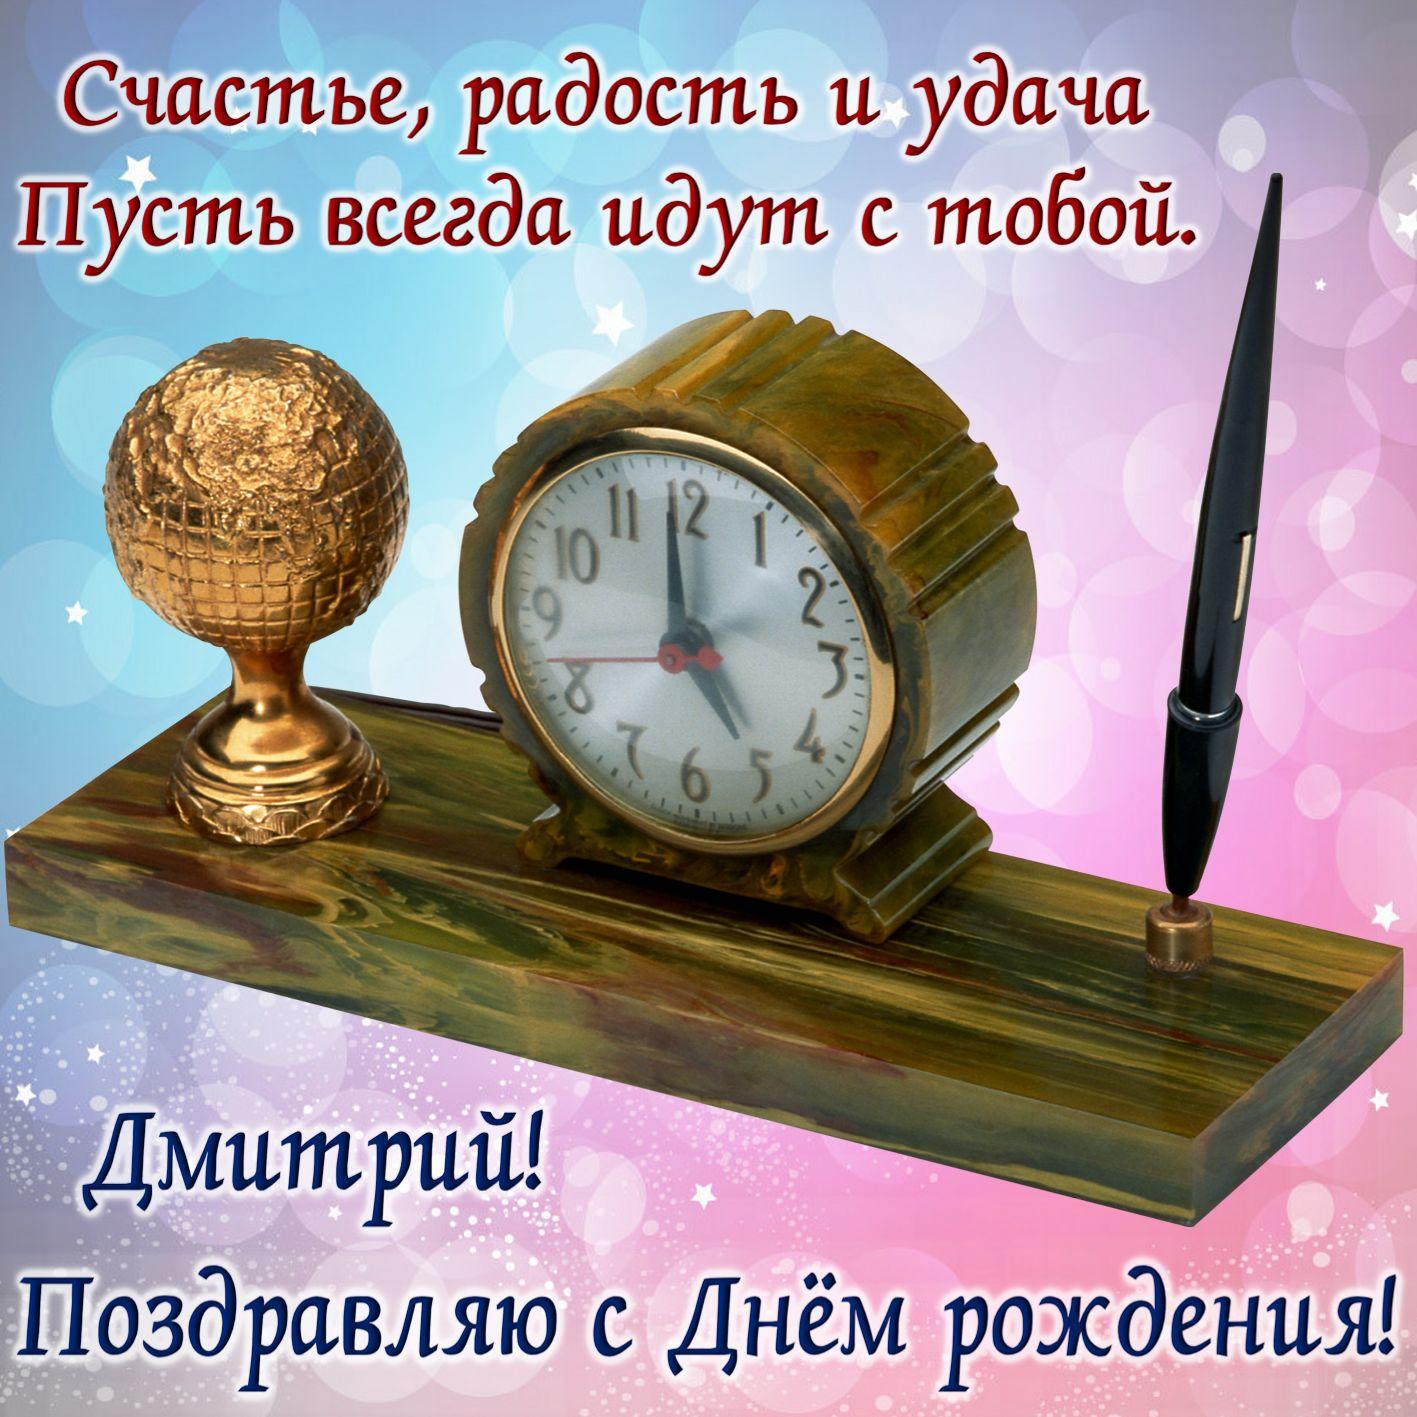 понятно, поздравительная открытка дмитрию с днем рождения страна, населенная феями